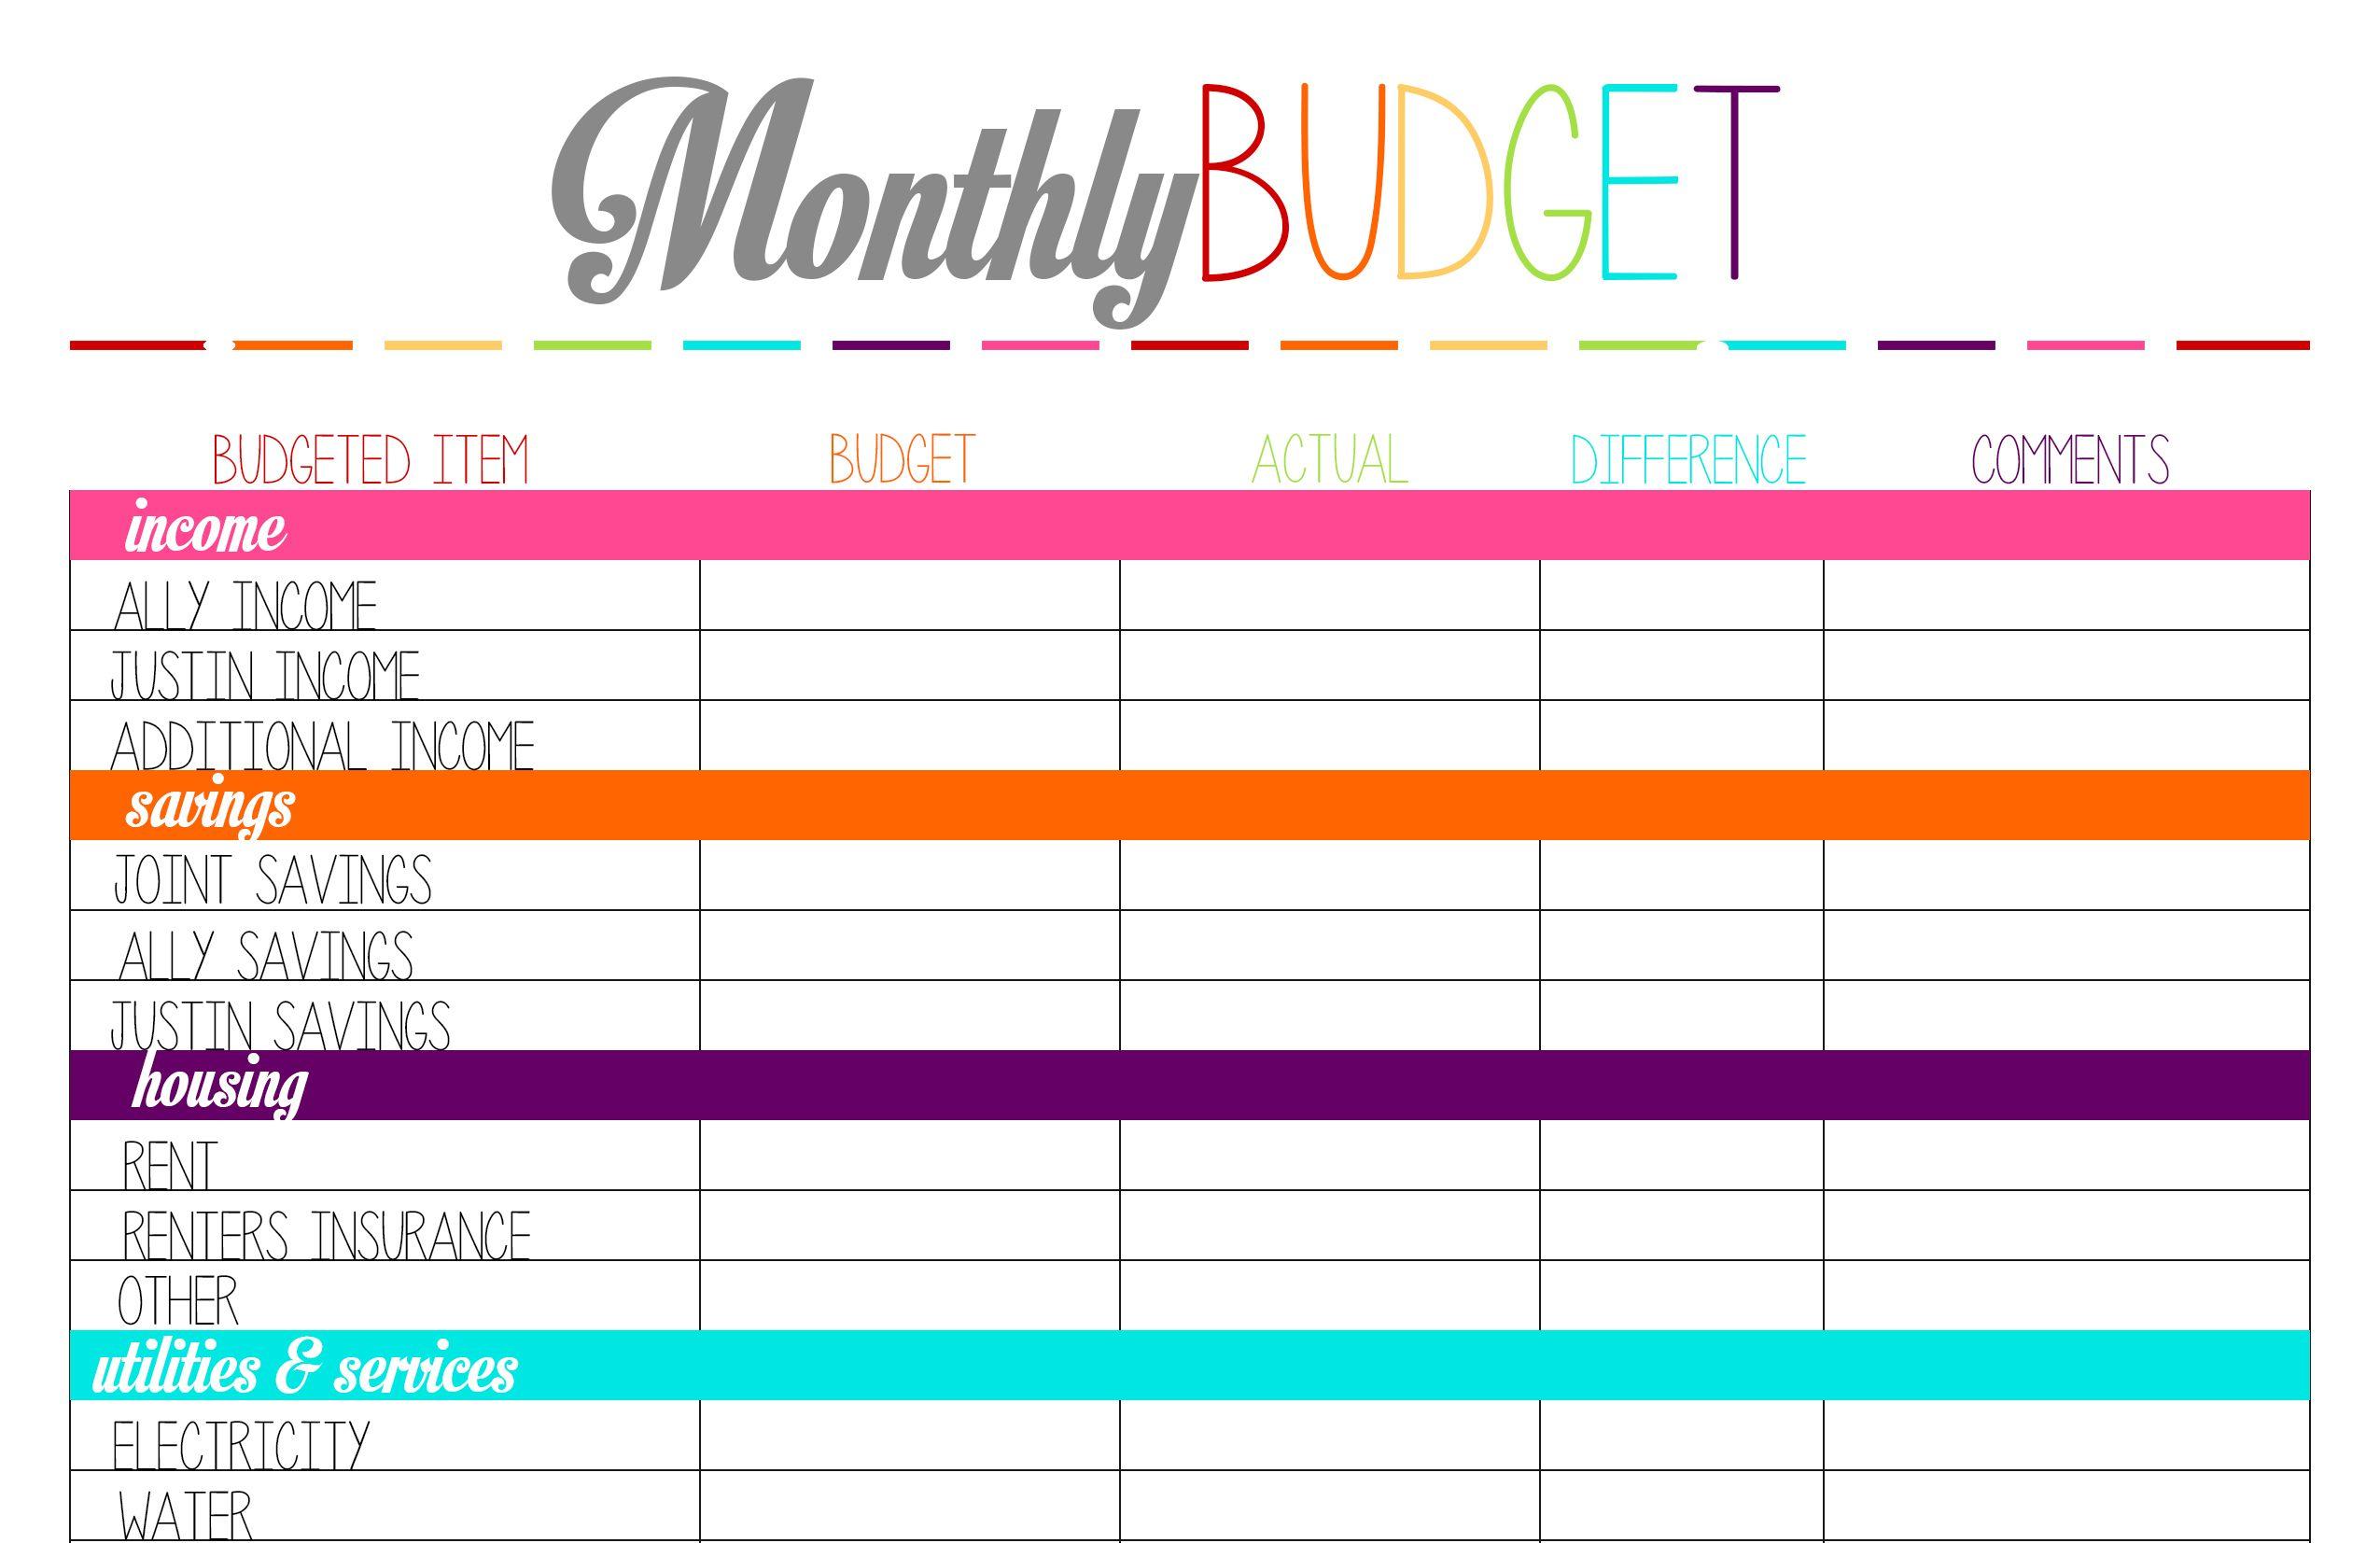 worksheet Free Monthly Budget Worksheet Printable freeprintablebudgetworksheettemplate behavioral management freeprintablebudgetworksheettemplate